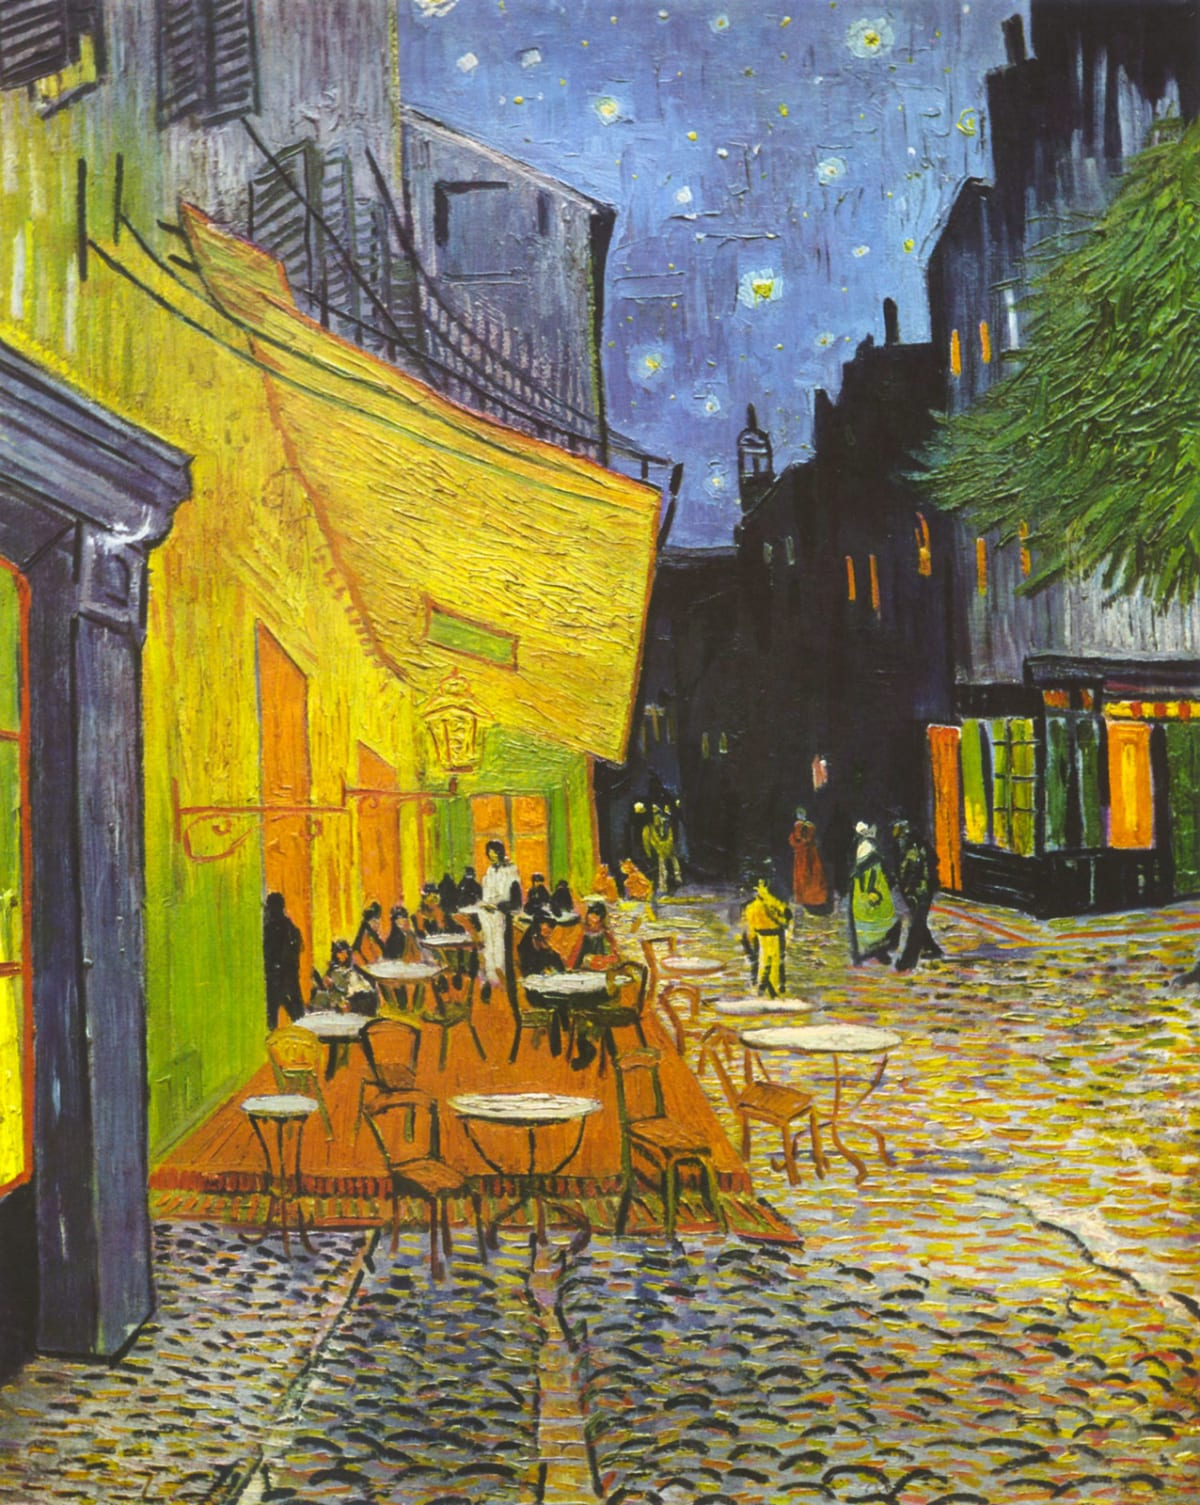 Caffé la nuit Arles van Gogh painting